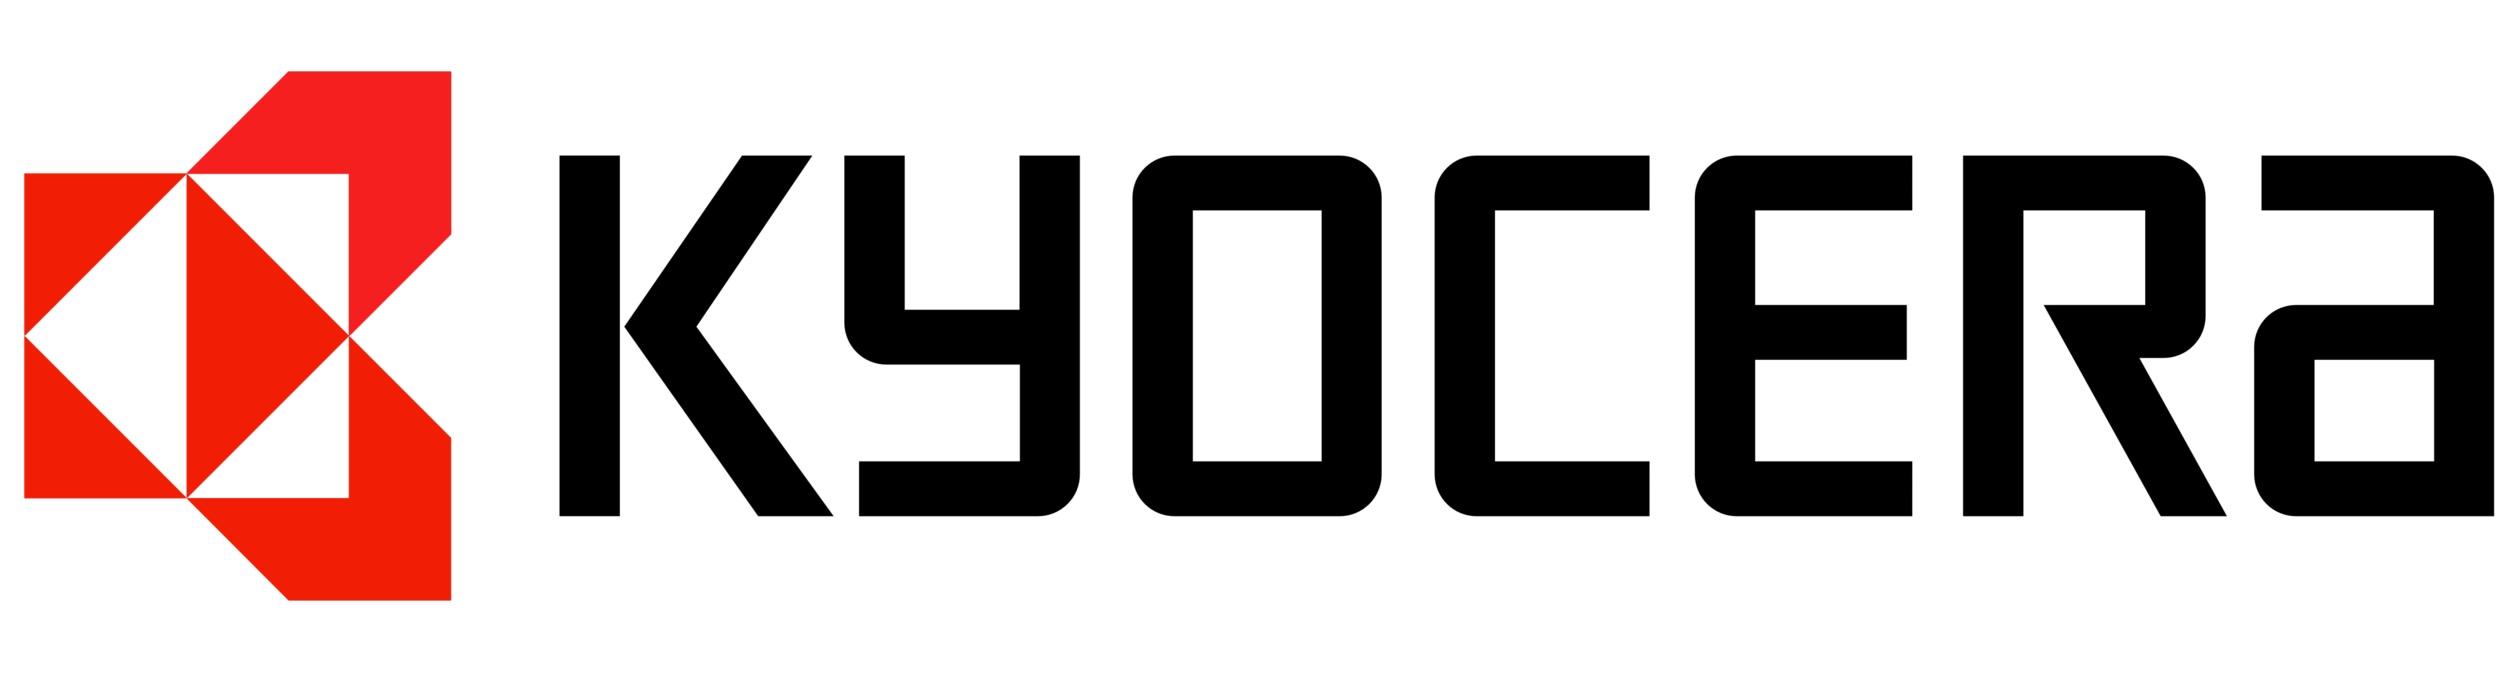 Kyocera_logo_logotype.jpg